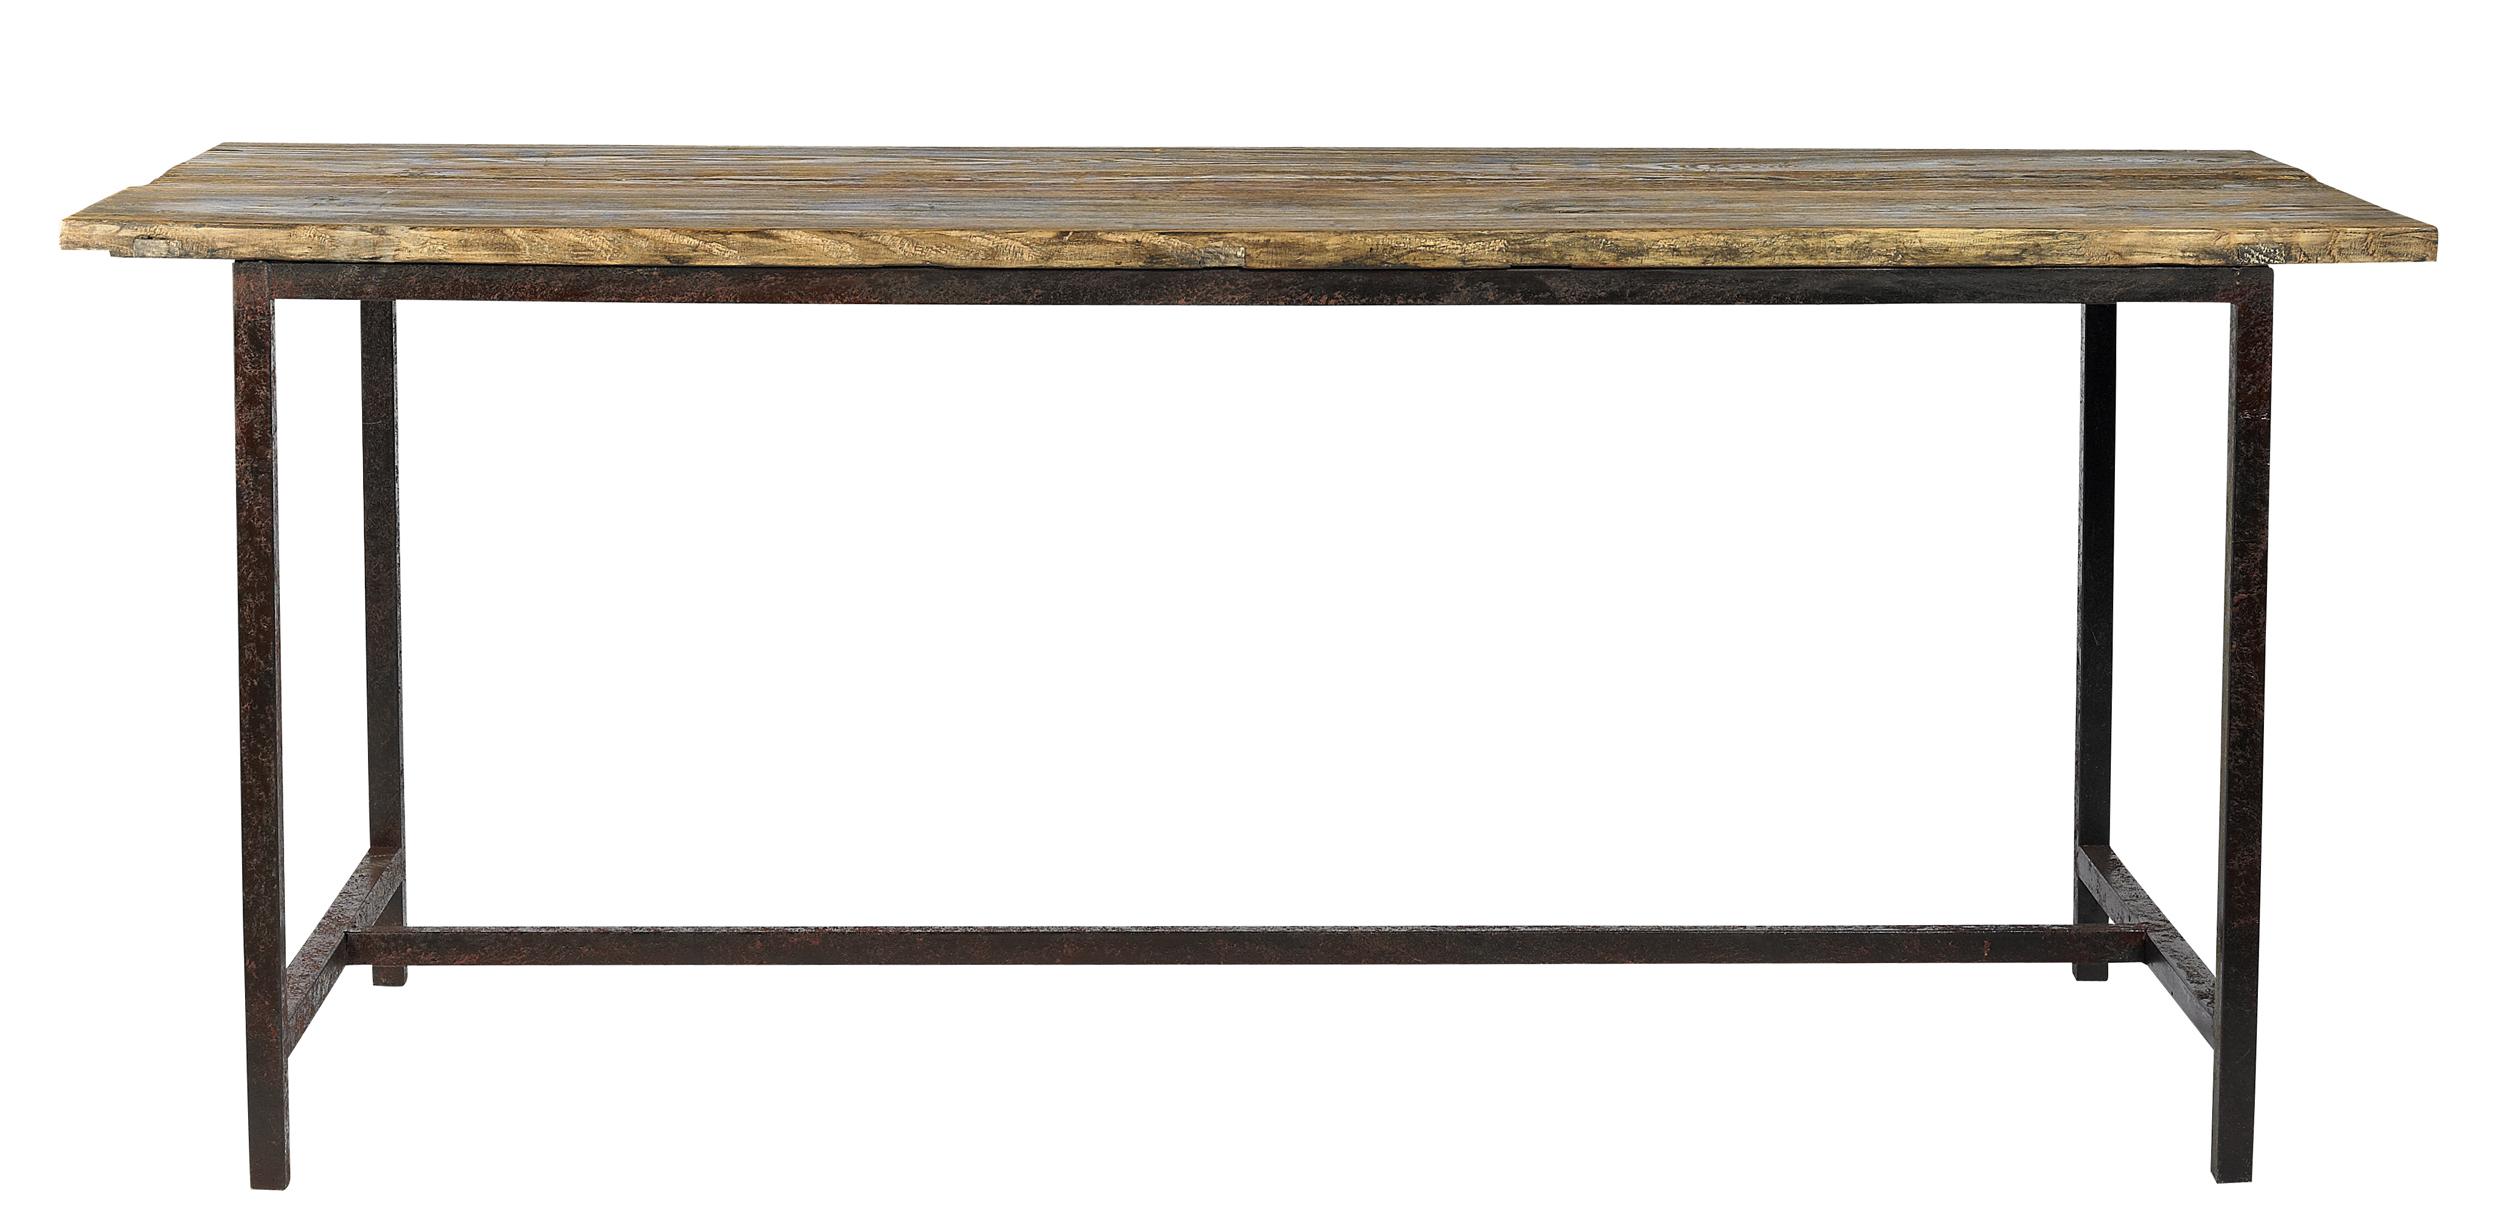 Raw Matbord 180x70 cm